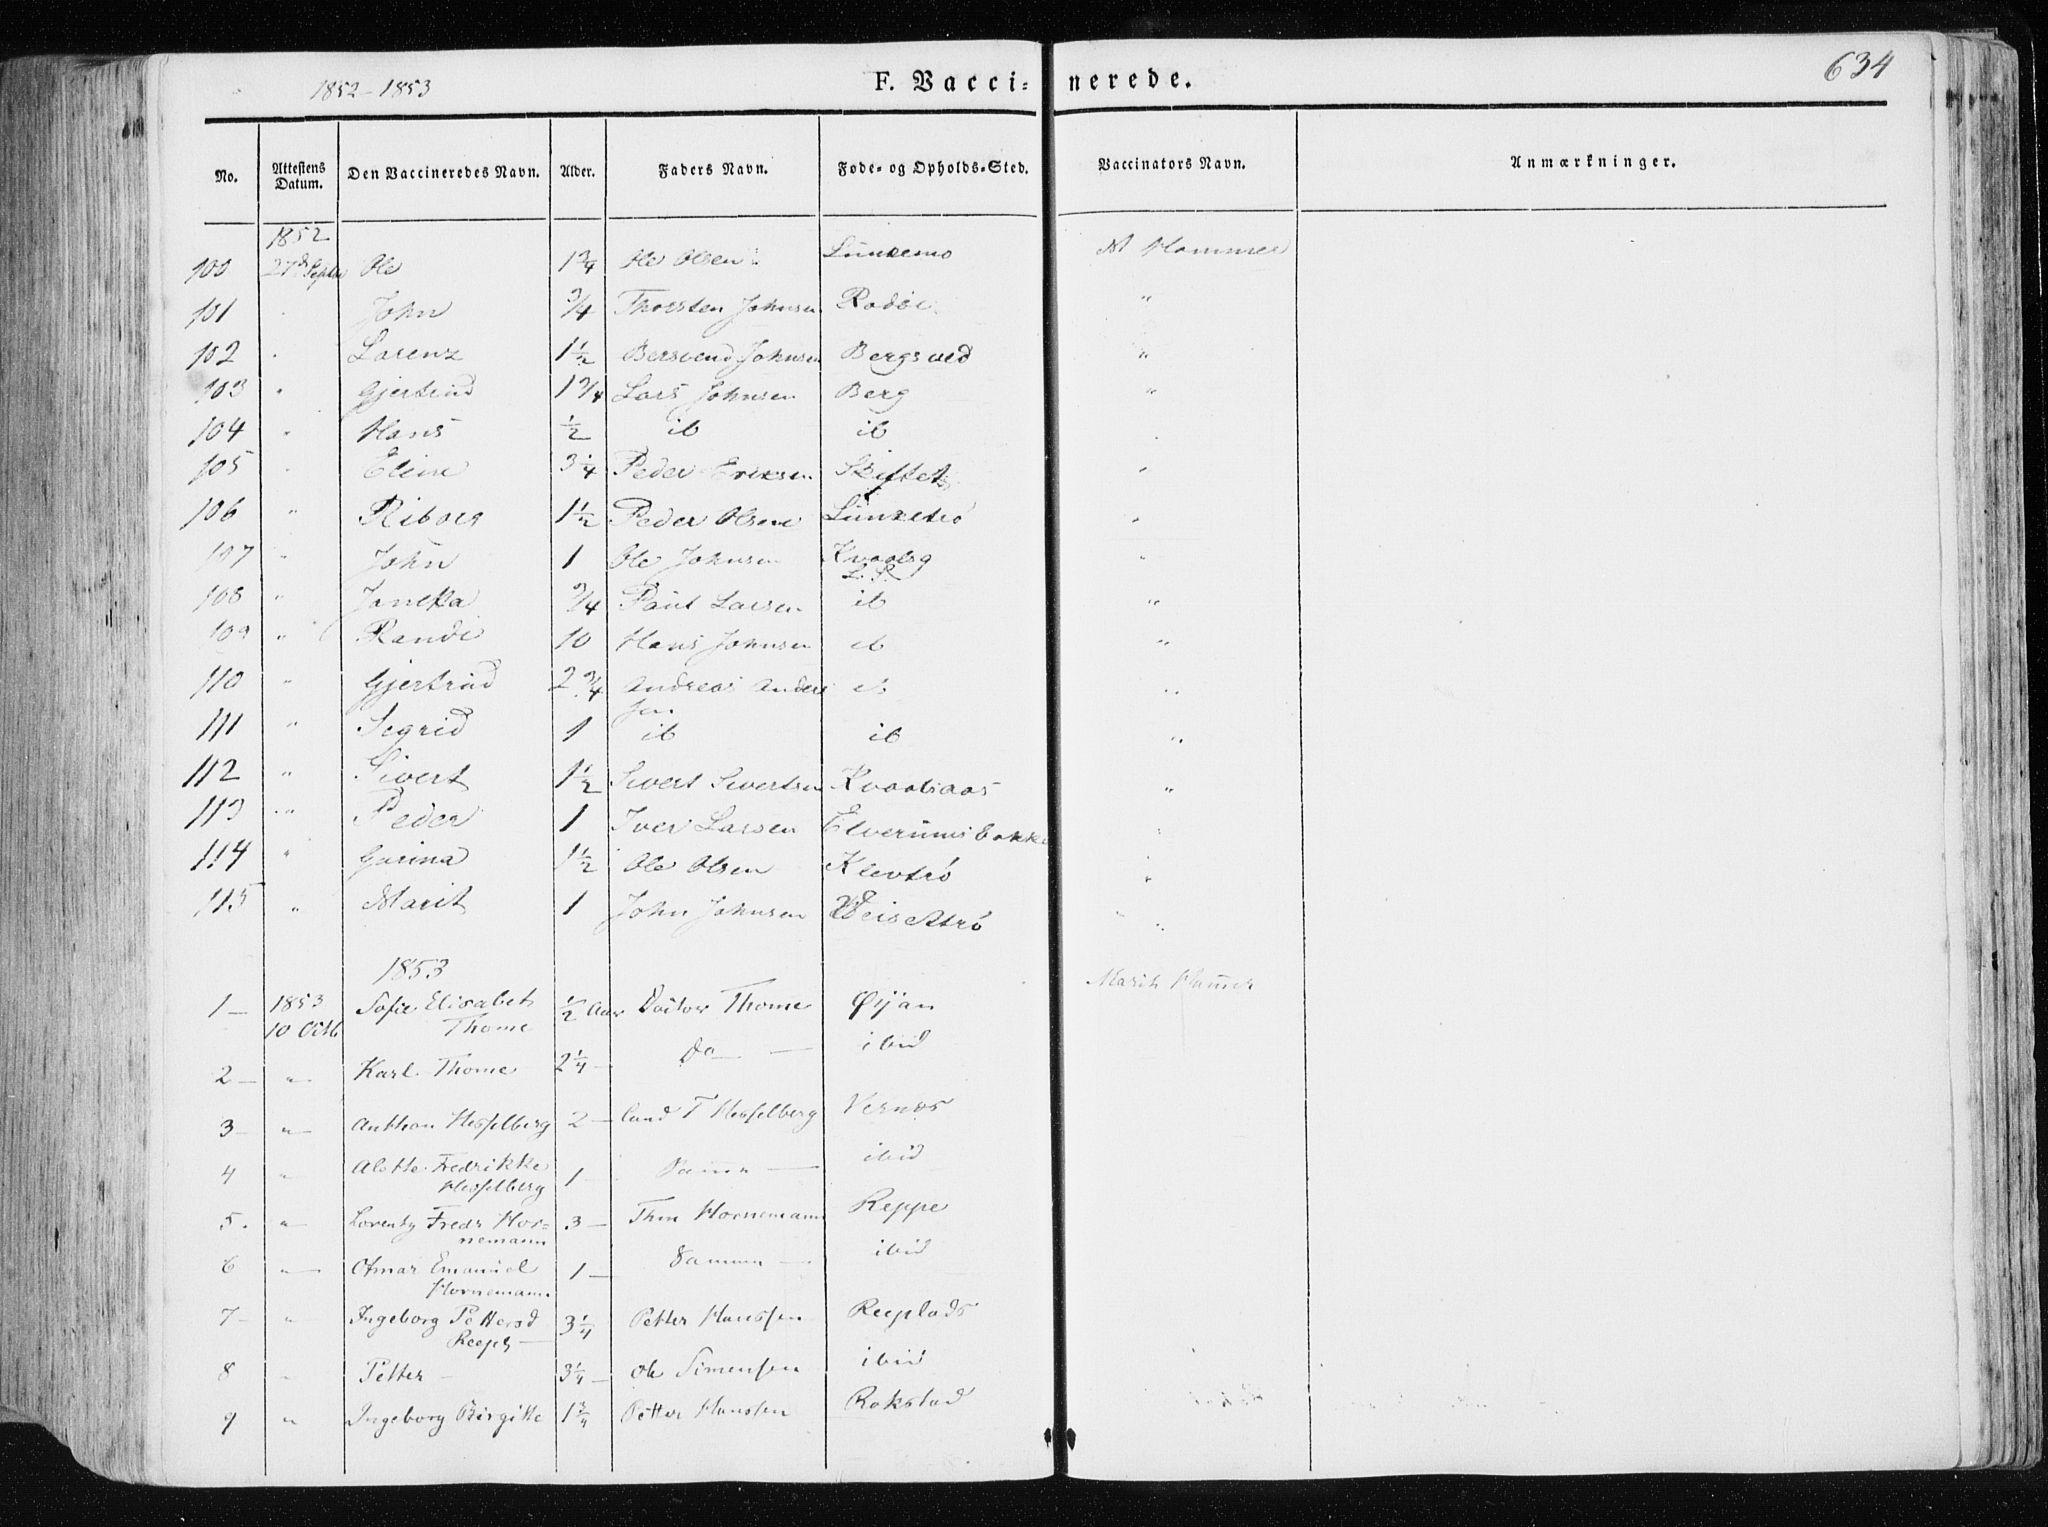 SAT, Ministerialprotokoller, klokkerbøker og fødselsregistre - Nord-Trøndelag, 709/L0074: Ministerialbok nr. 709A14, 1845-1858, s. 634